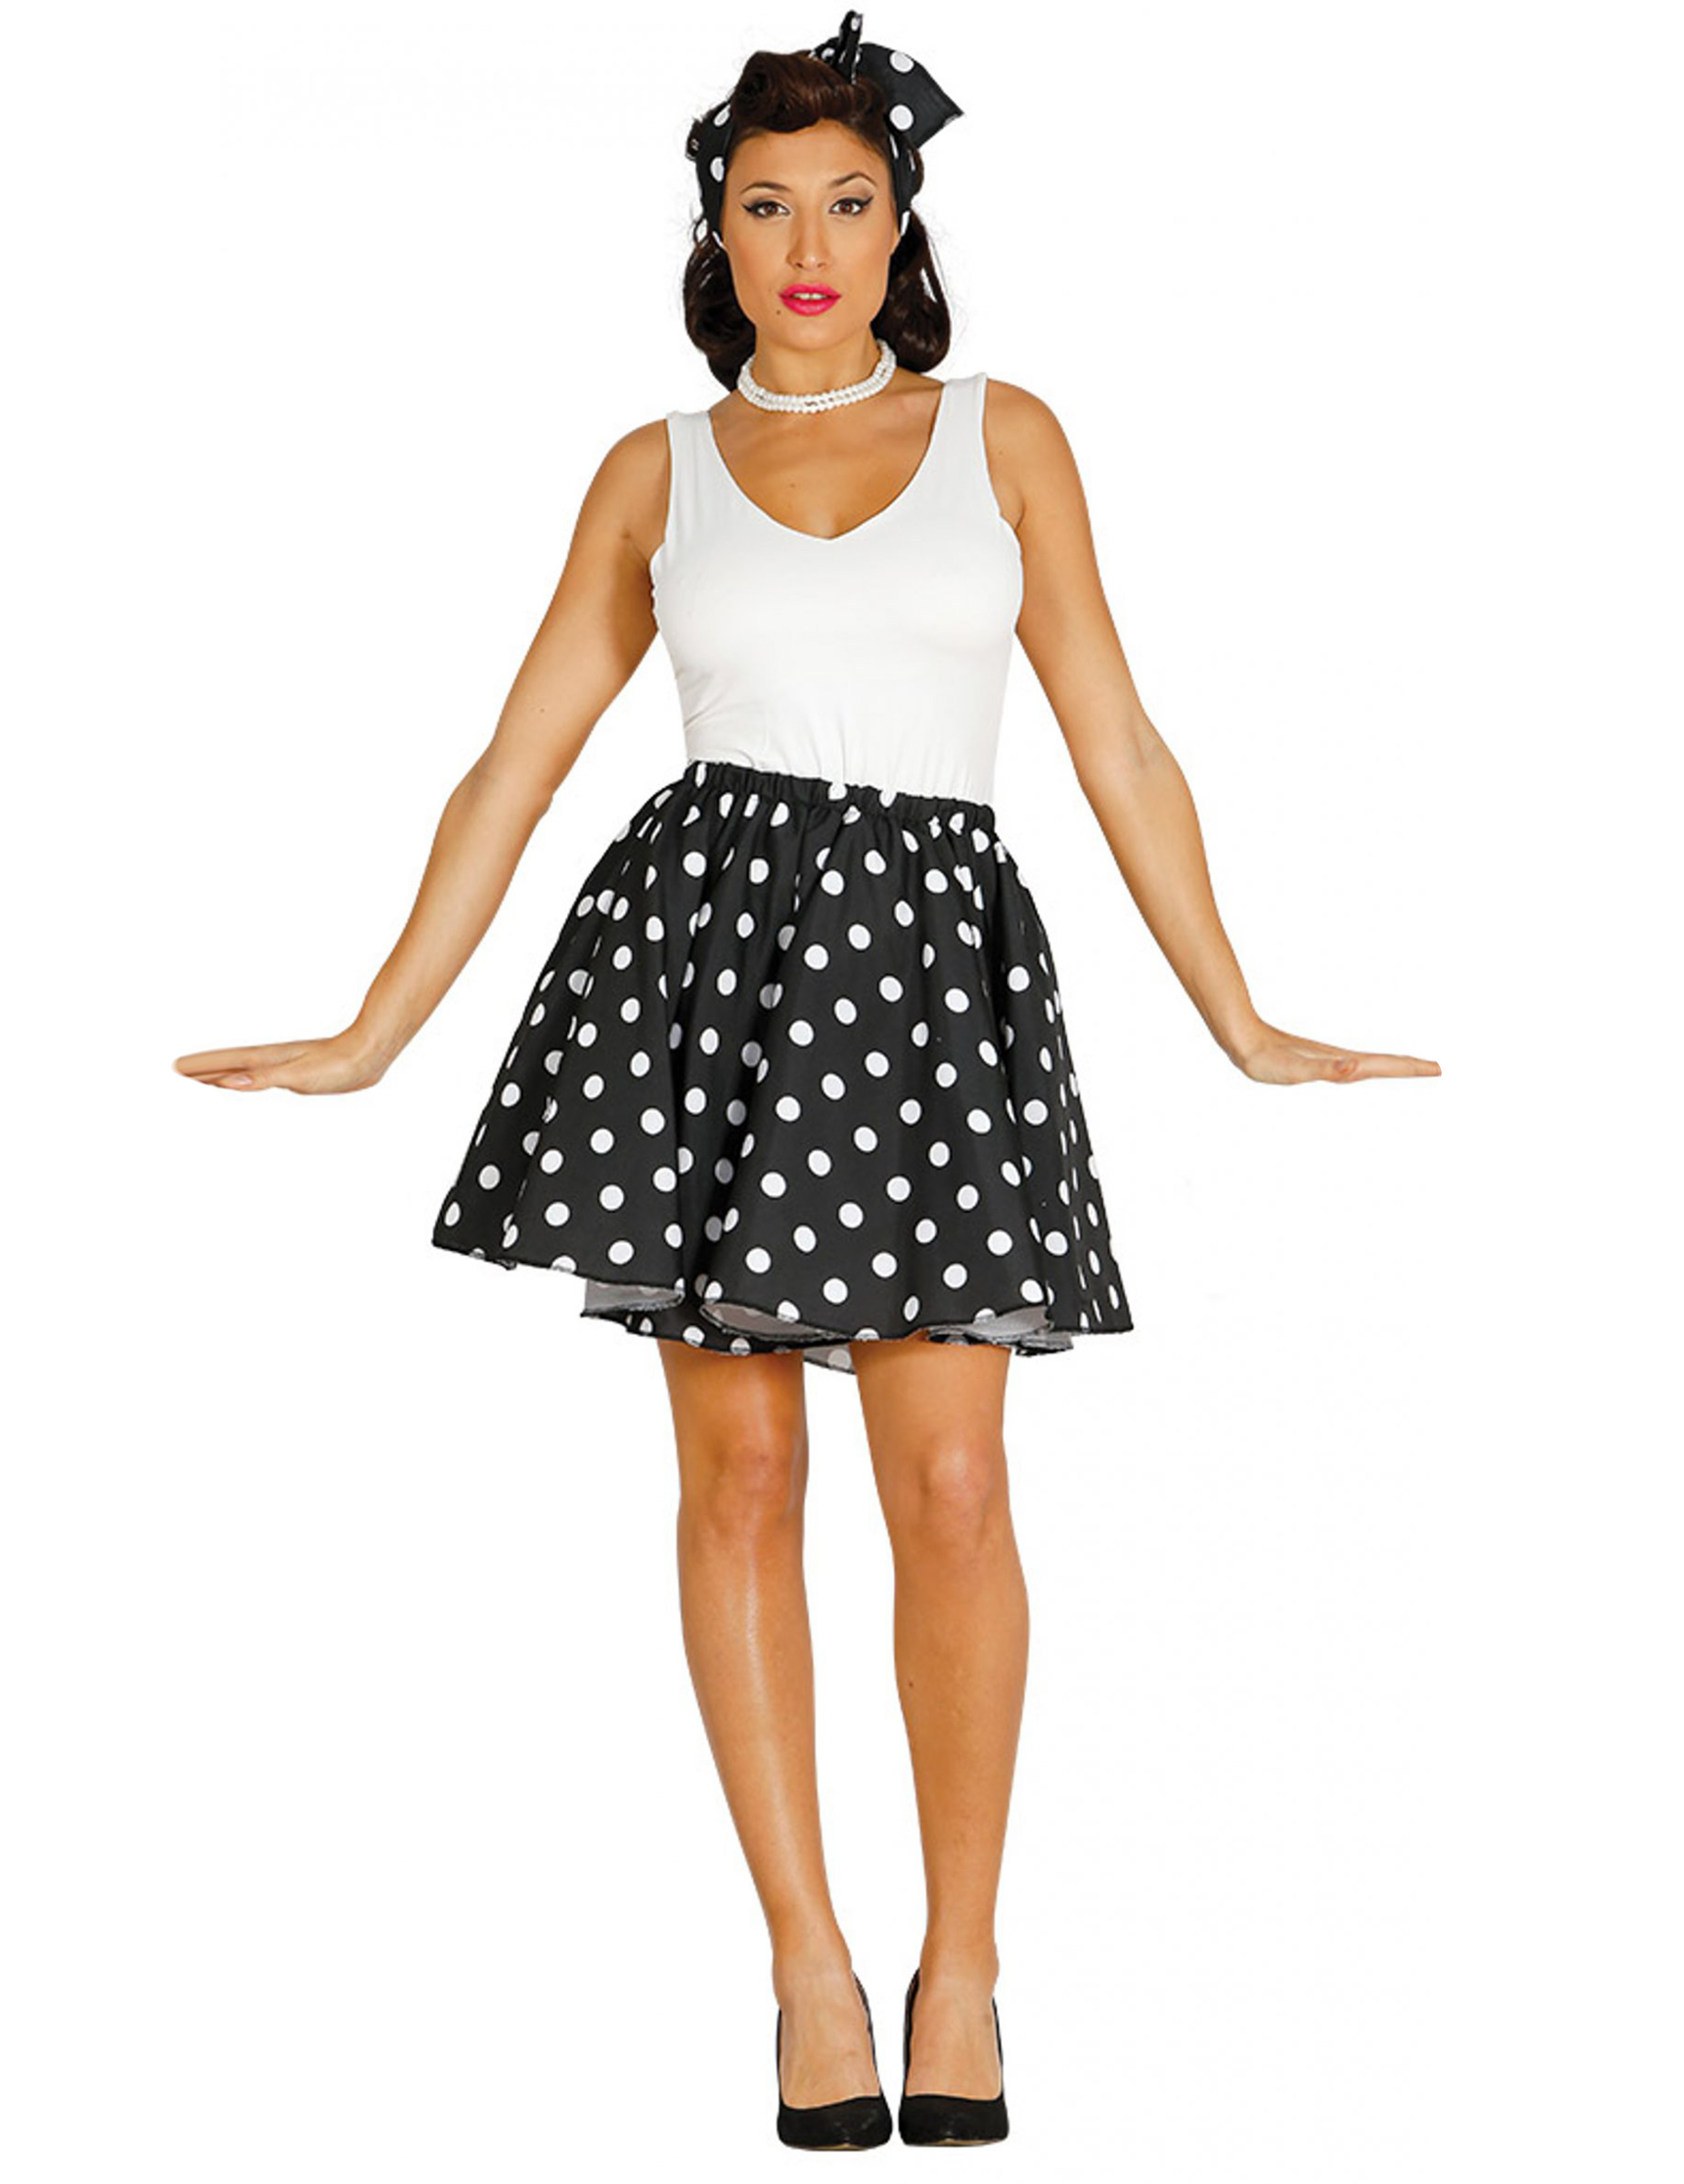 jupe et foulard noirs pois ann es 50 femme deguise toi achat de d guisements adultes. Black Bedroom Furniture Sets. Home Design Ideas